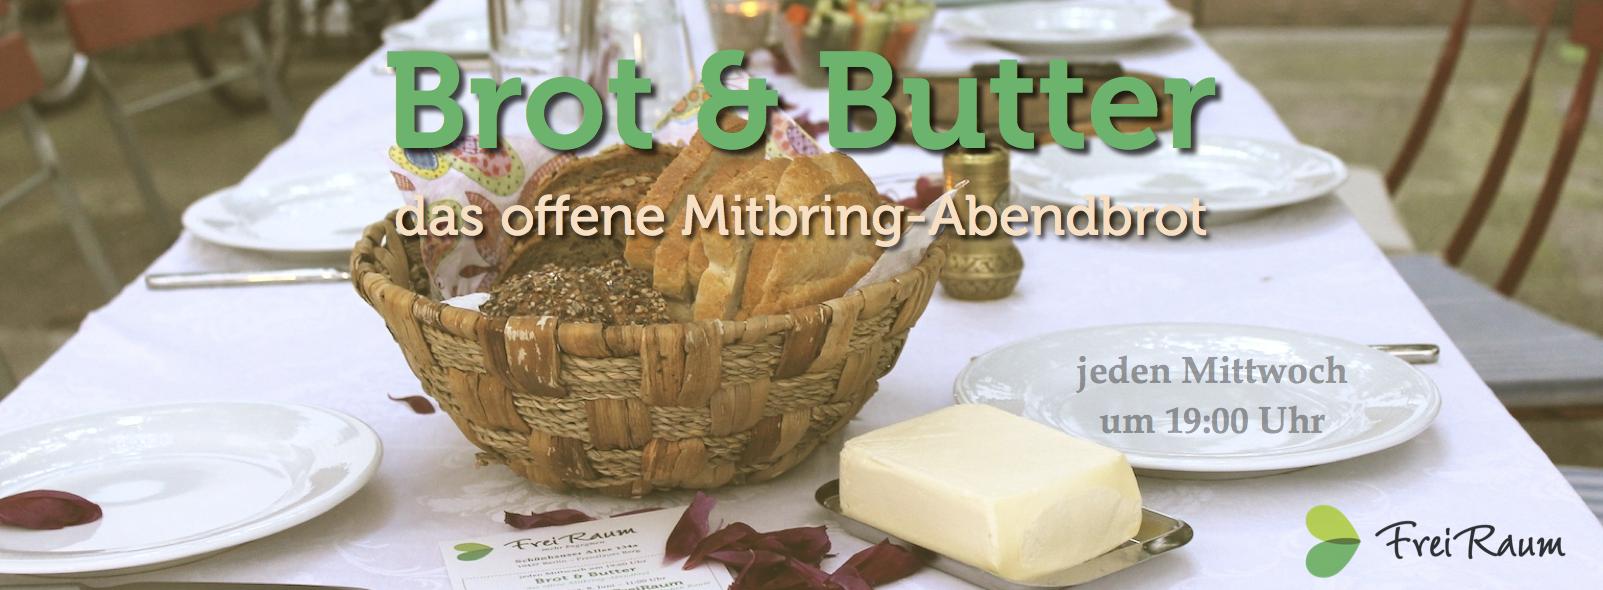 Facebook-Banner-Brot & Butter